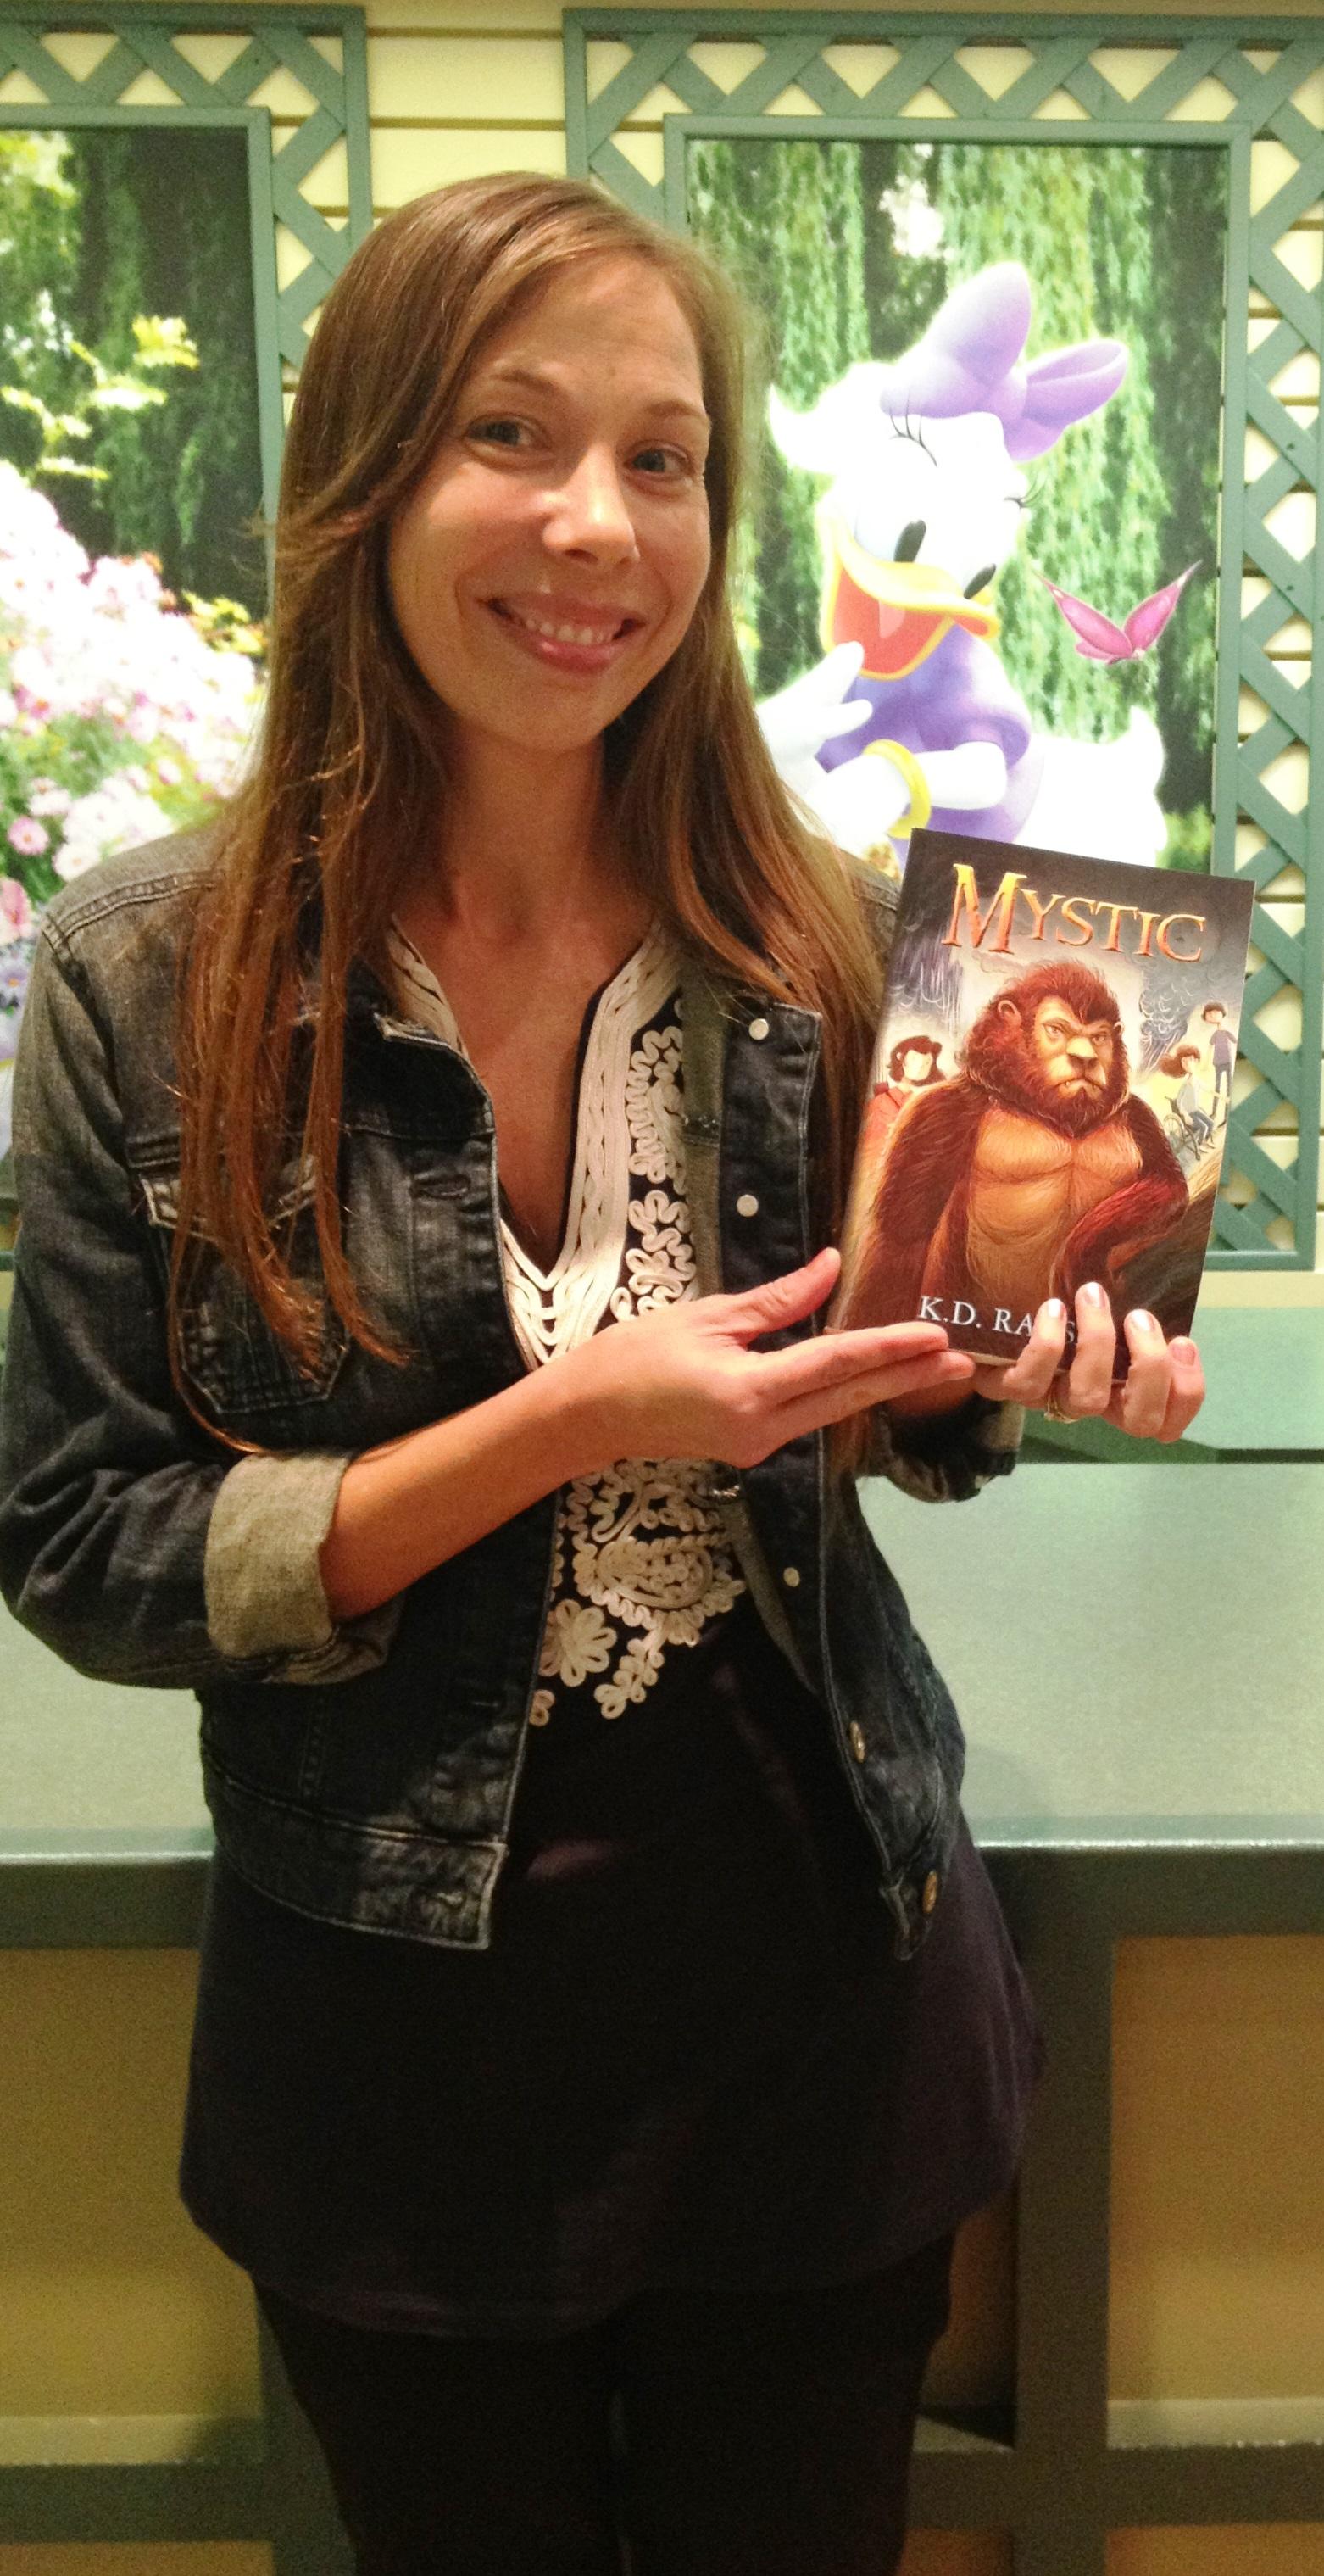 Me and MYSTIC at Disney